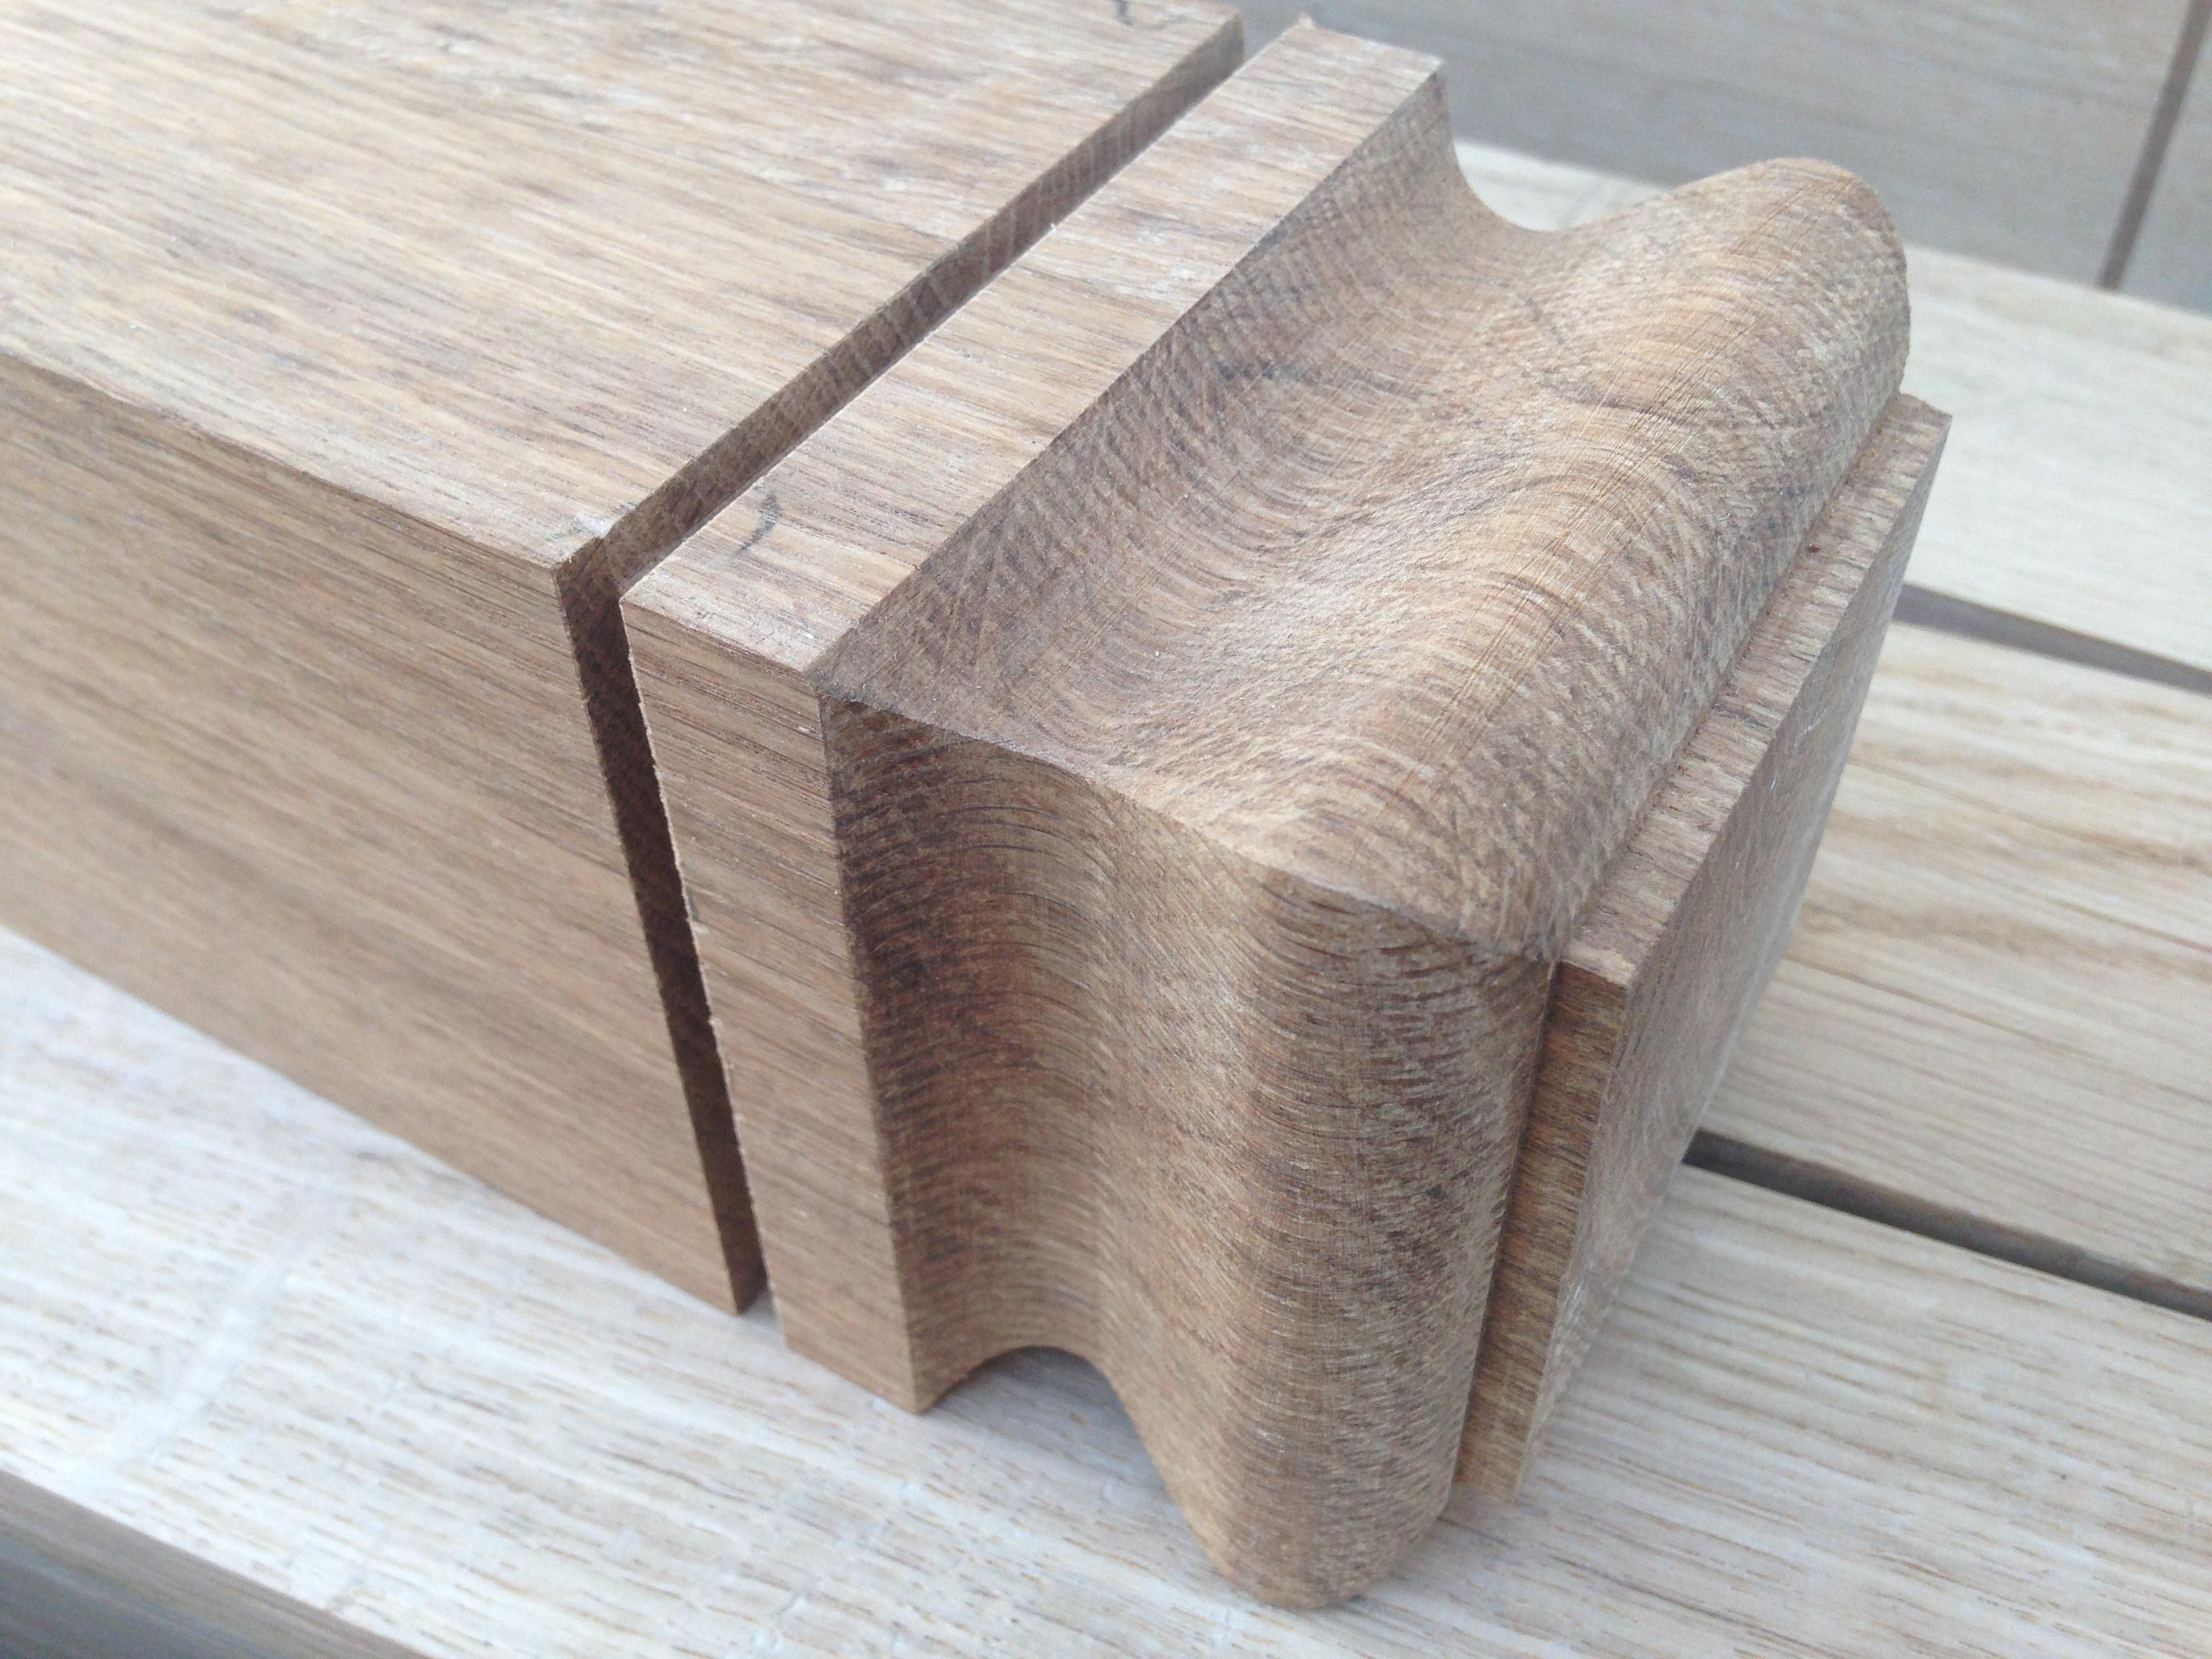 d coupe sur mesure et usinage cn de bois massif et panneaux d riv s. Black Bedroom Furniture Sets. Home Design Ideas